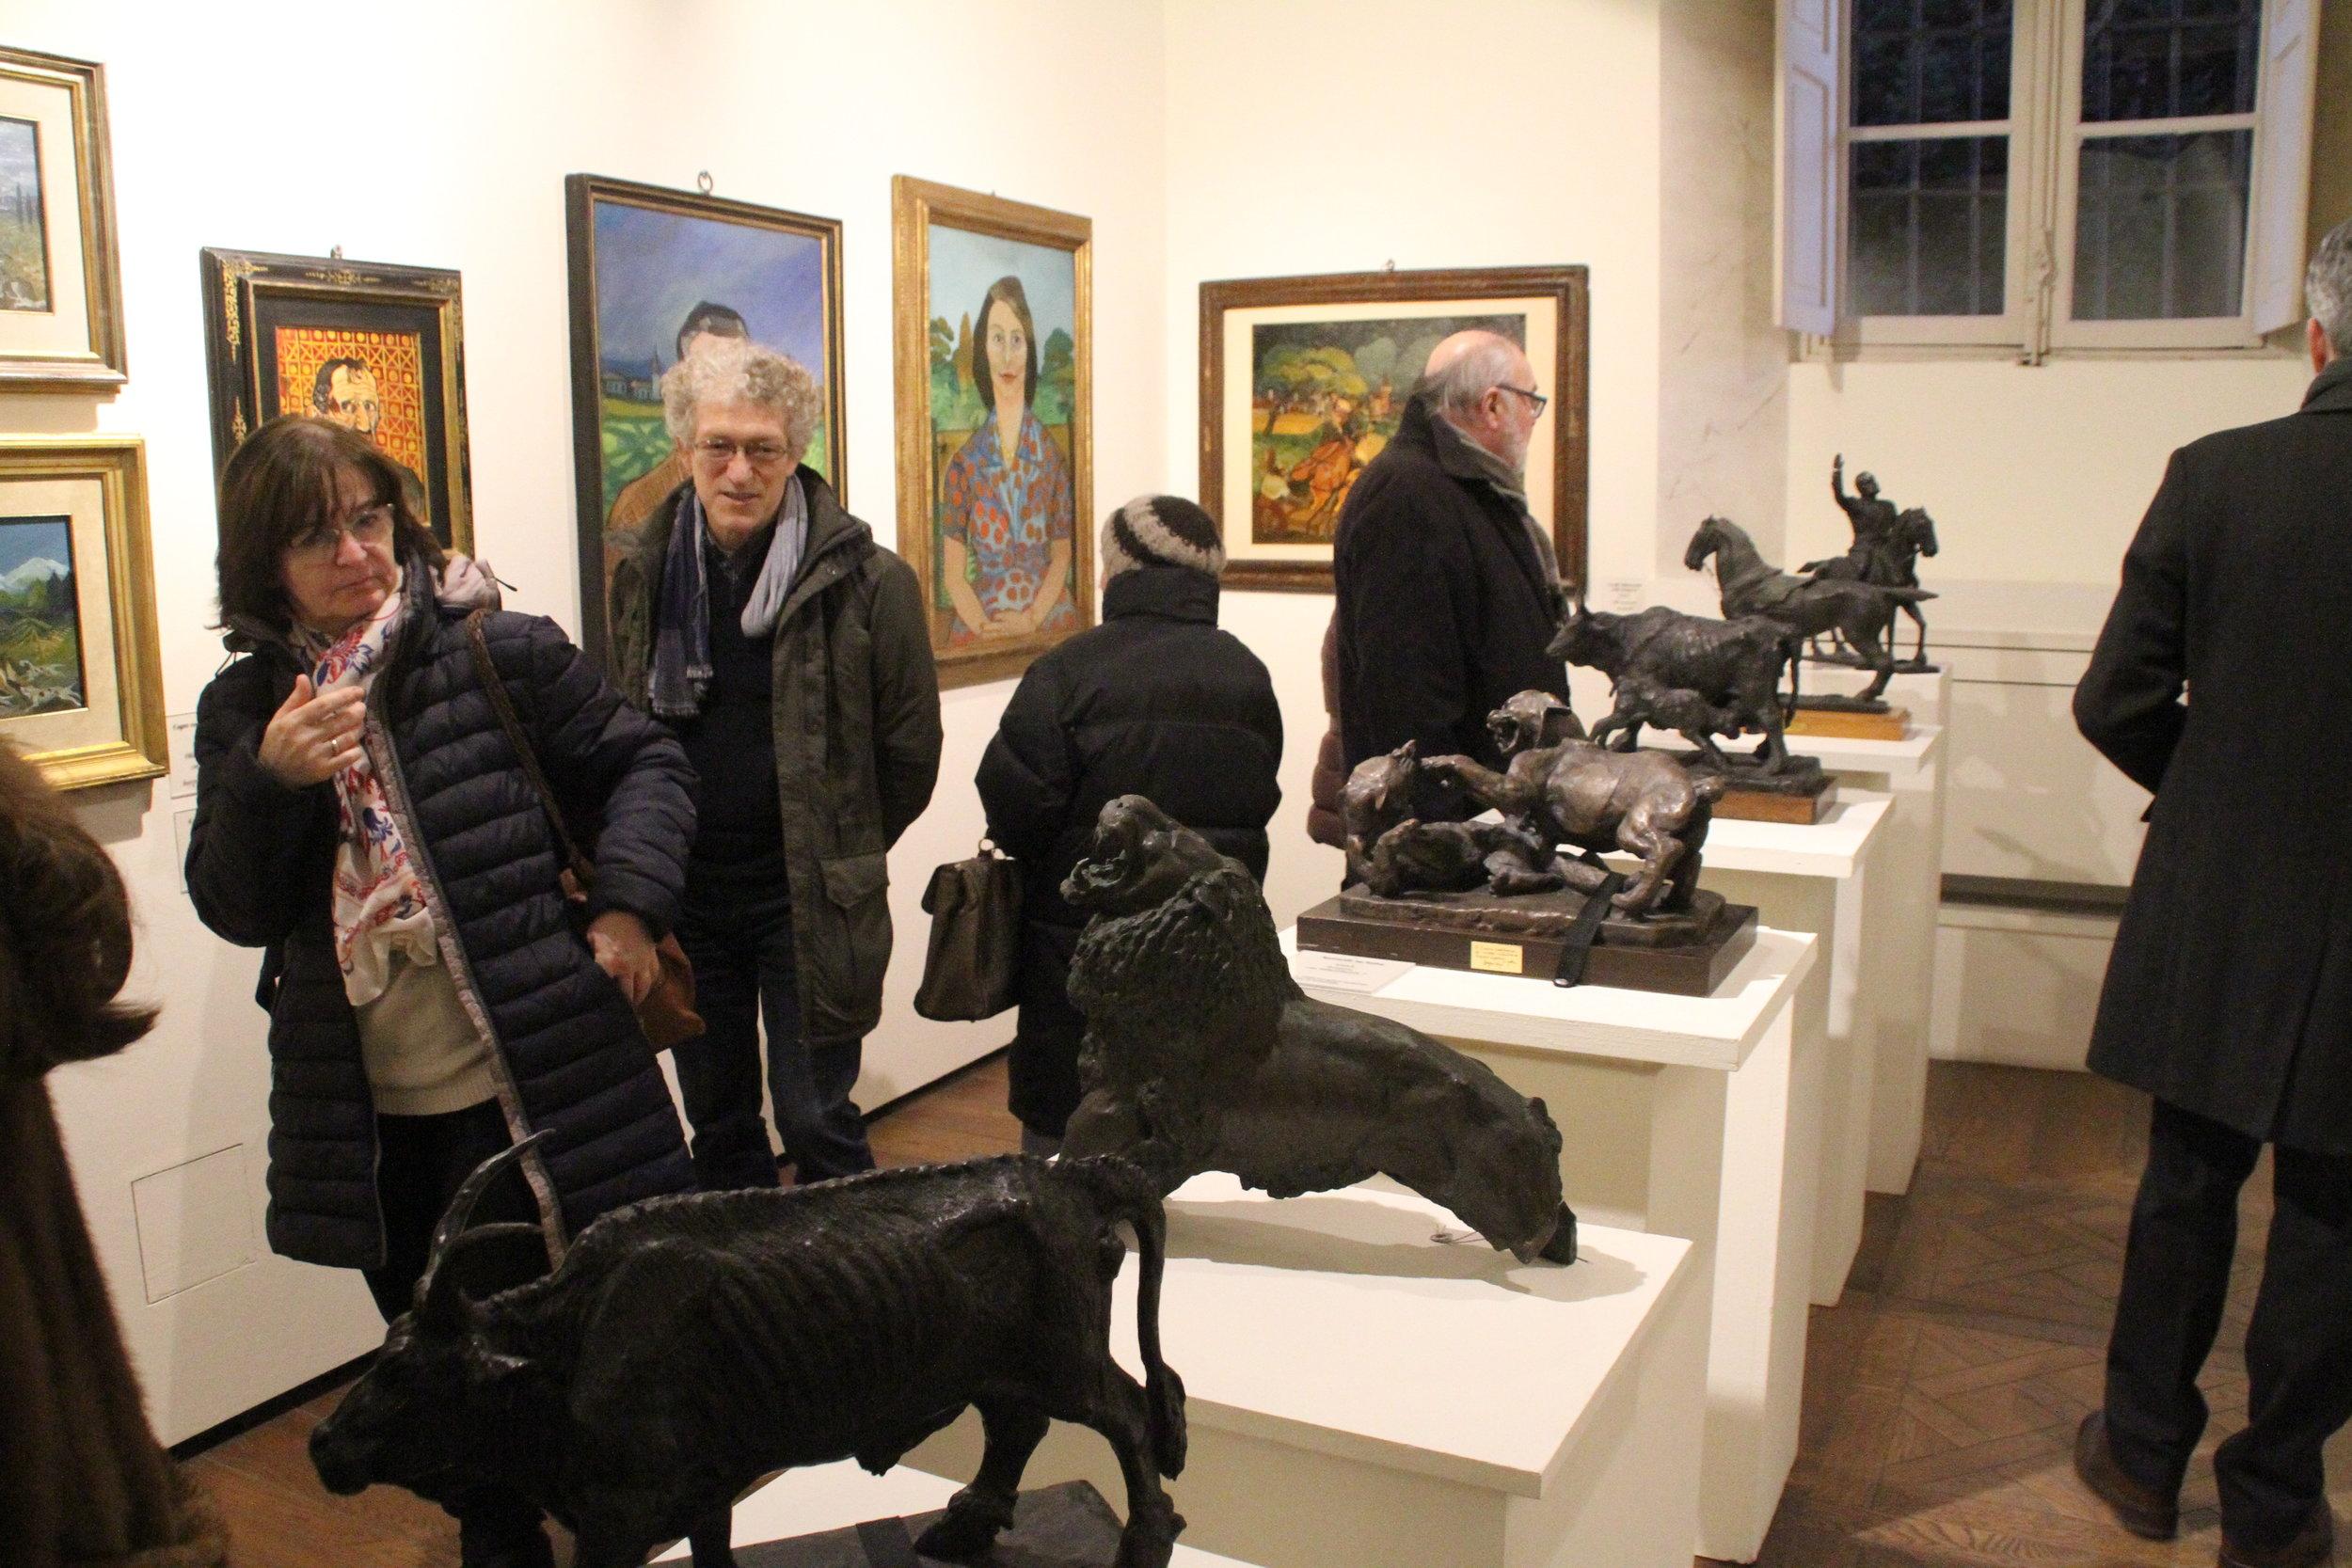 Il pubblico ammira i dipinti e le sculture di Antonio Ligabue